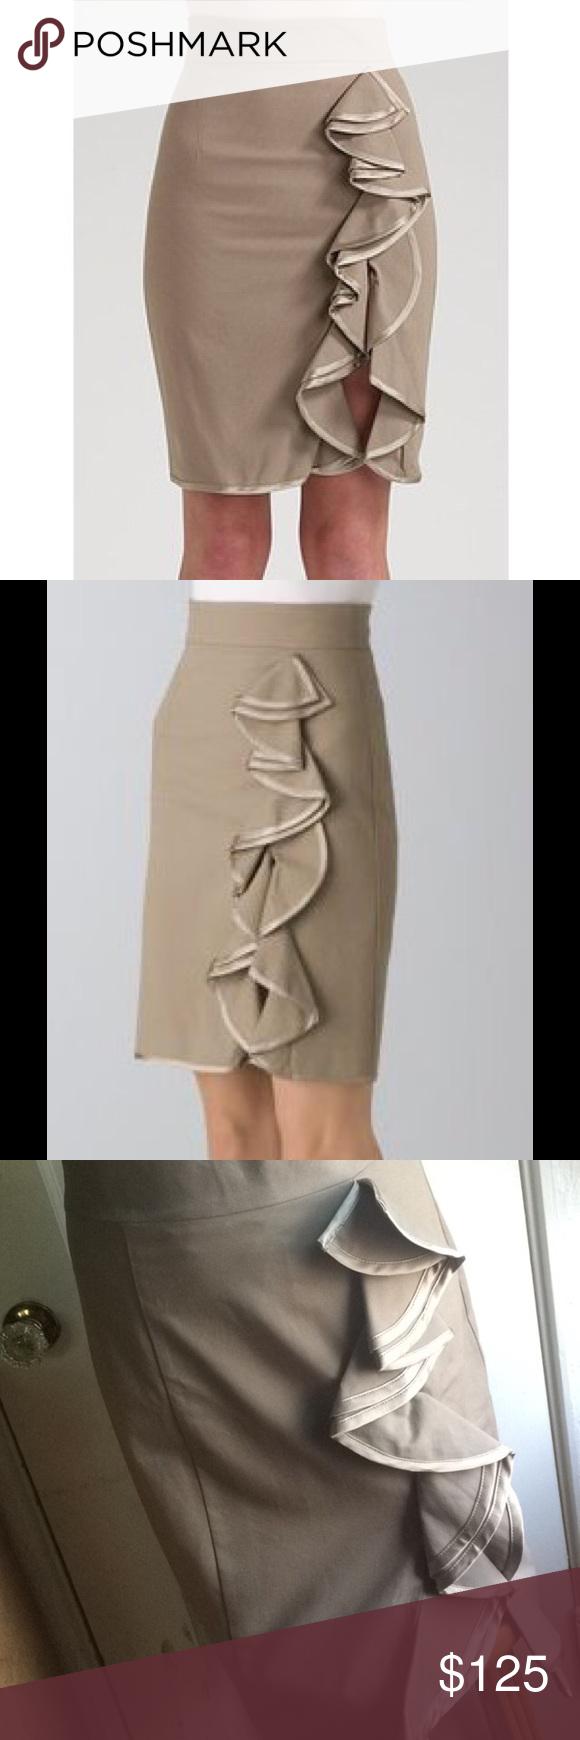 Nanette Lepore Garden Party Skirt Nanette Lepore Garden Party Skirt New Size 6 Nanette Lepore Skirts